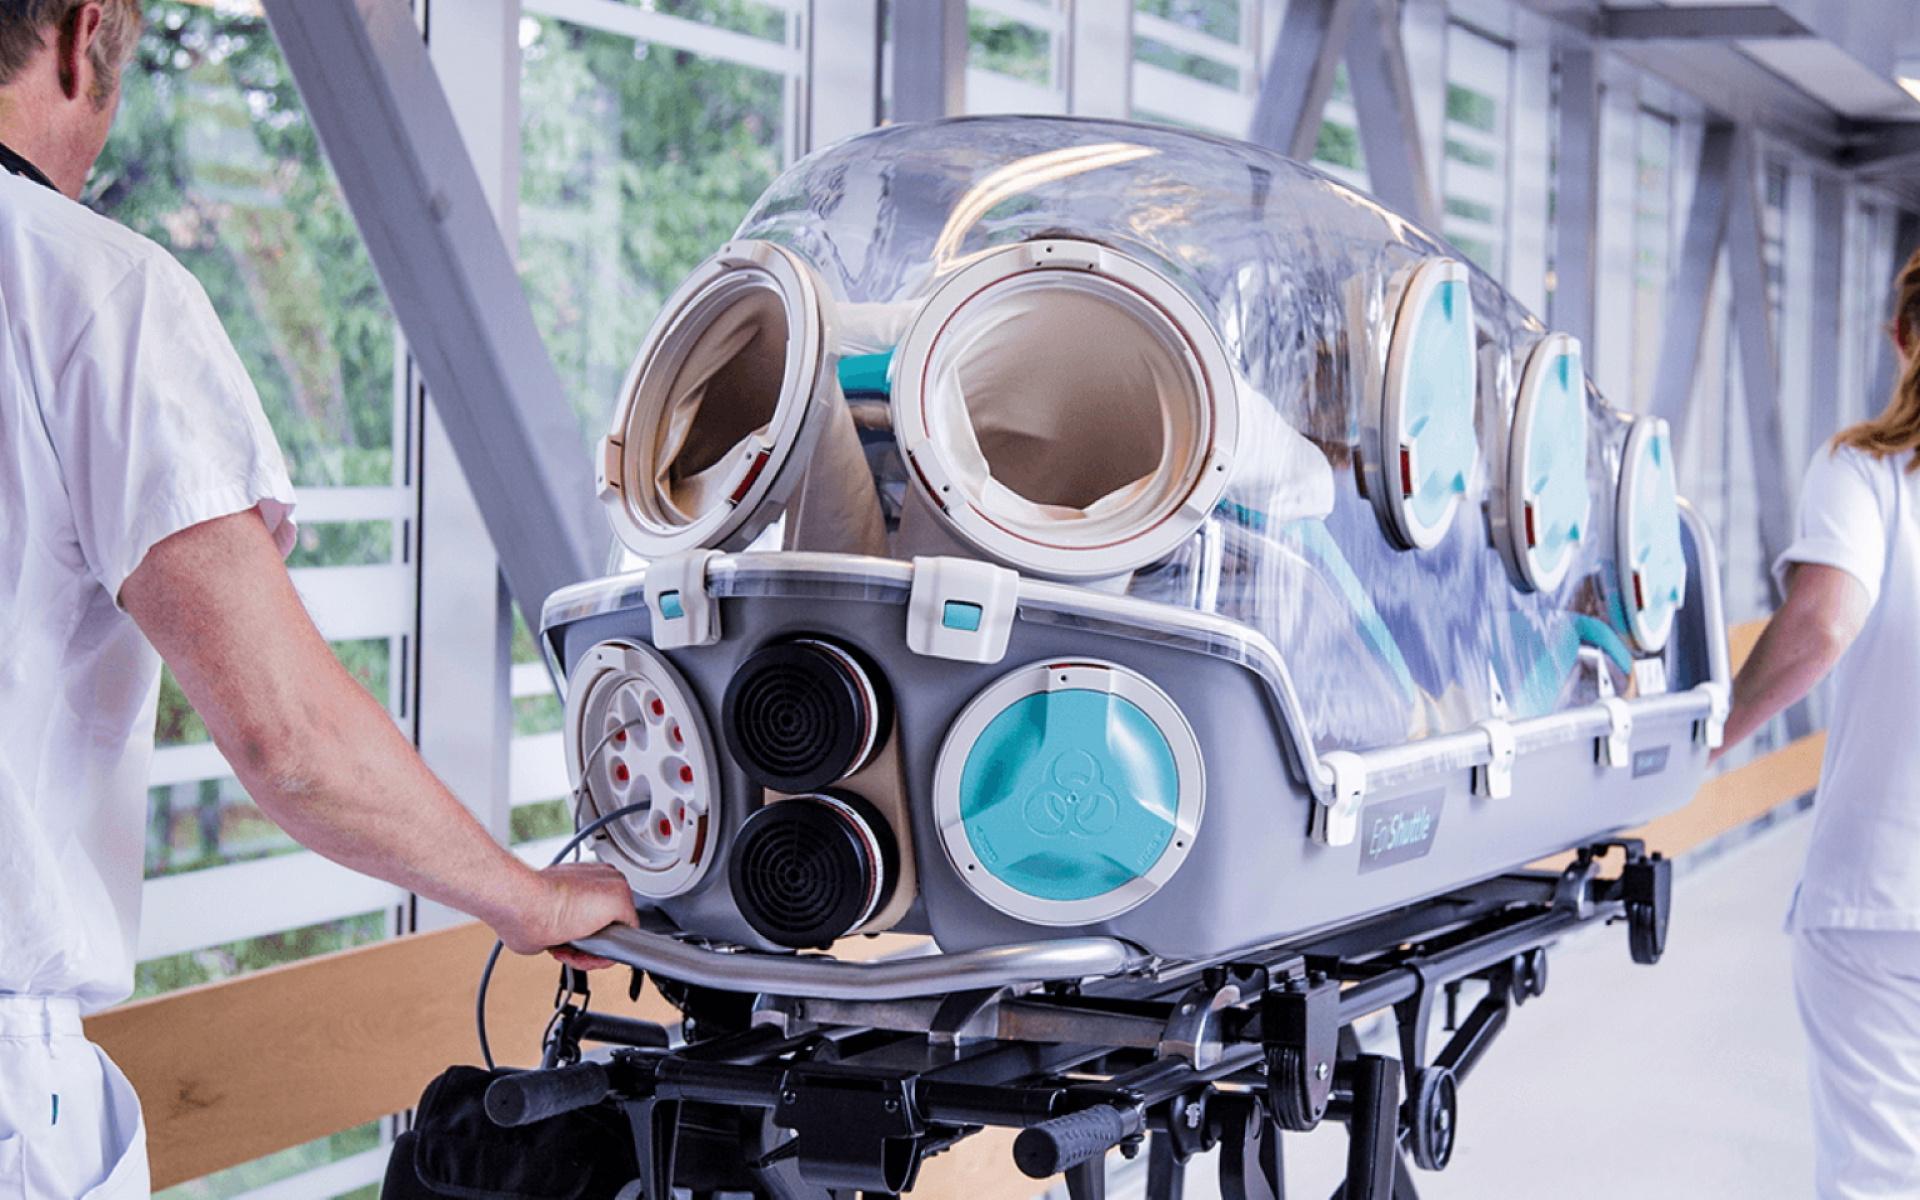 Die DRF Luftrettung ist in der Lage, bei Engpässen Patienten schnell und intensivmedizinisch beatmet in eine Klinik mit freiem Beatmungsbett zu fliegen (Quelle: EpiGuard).